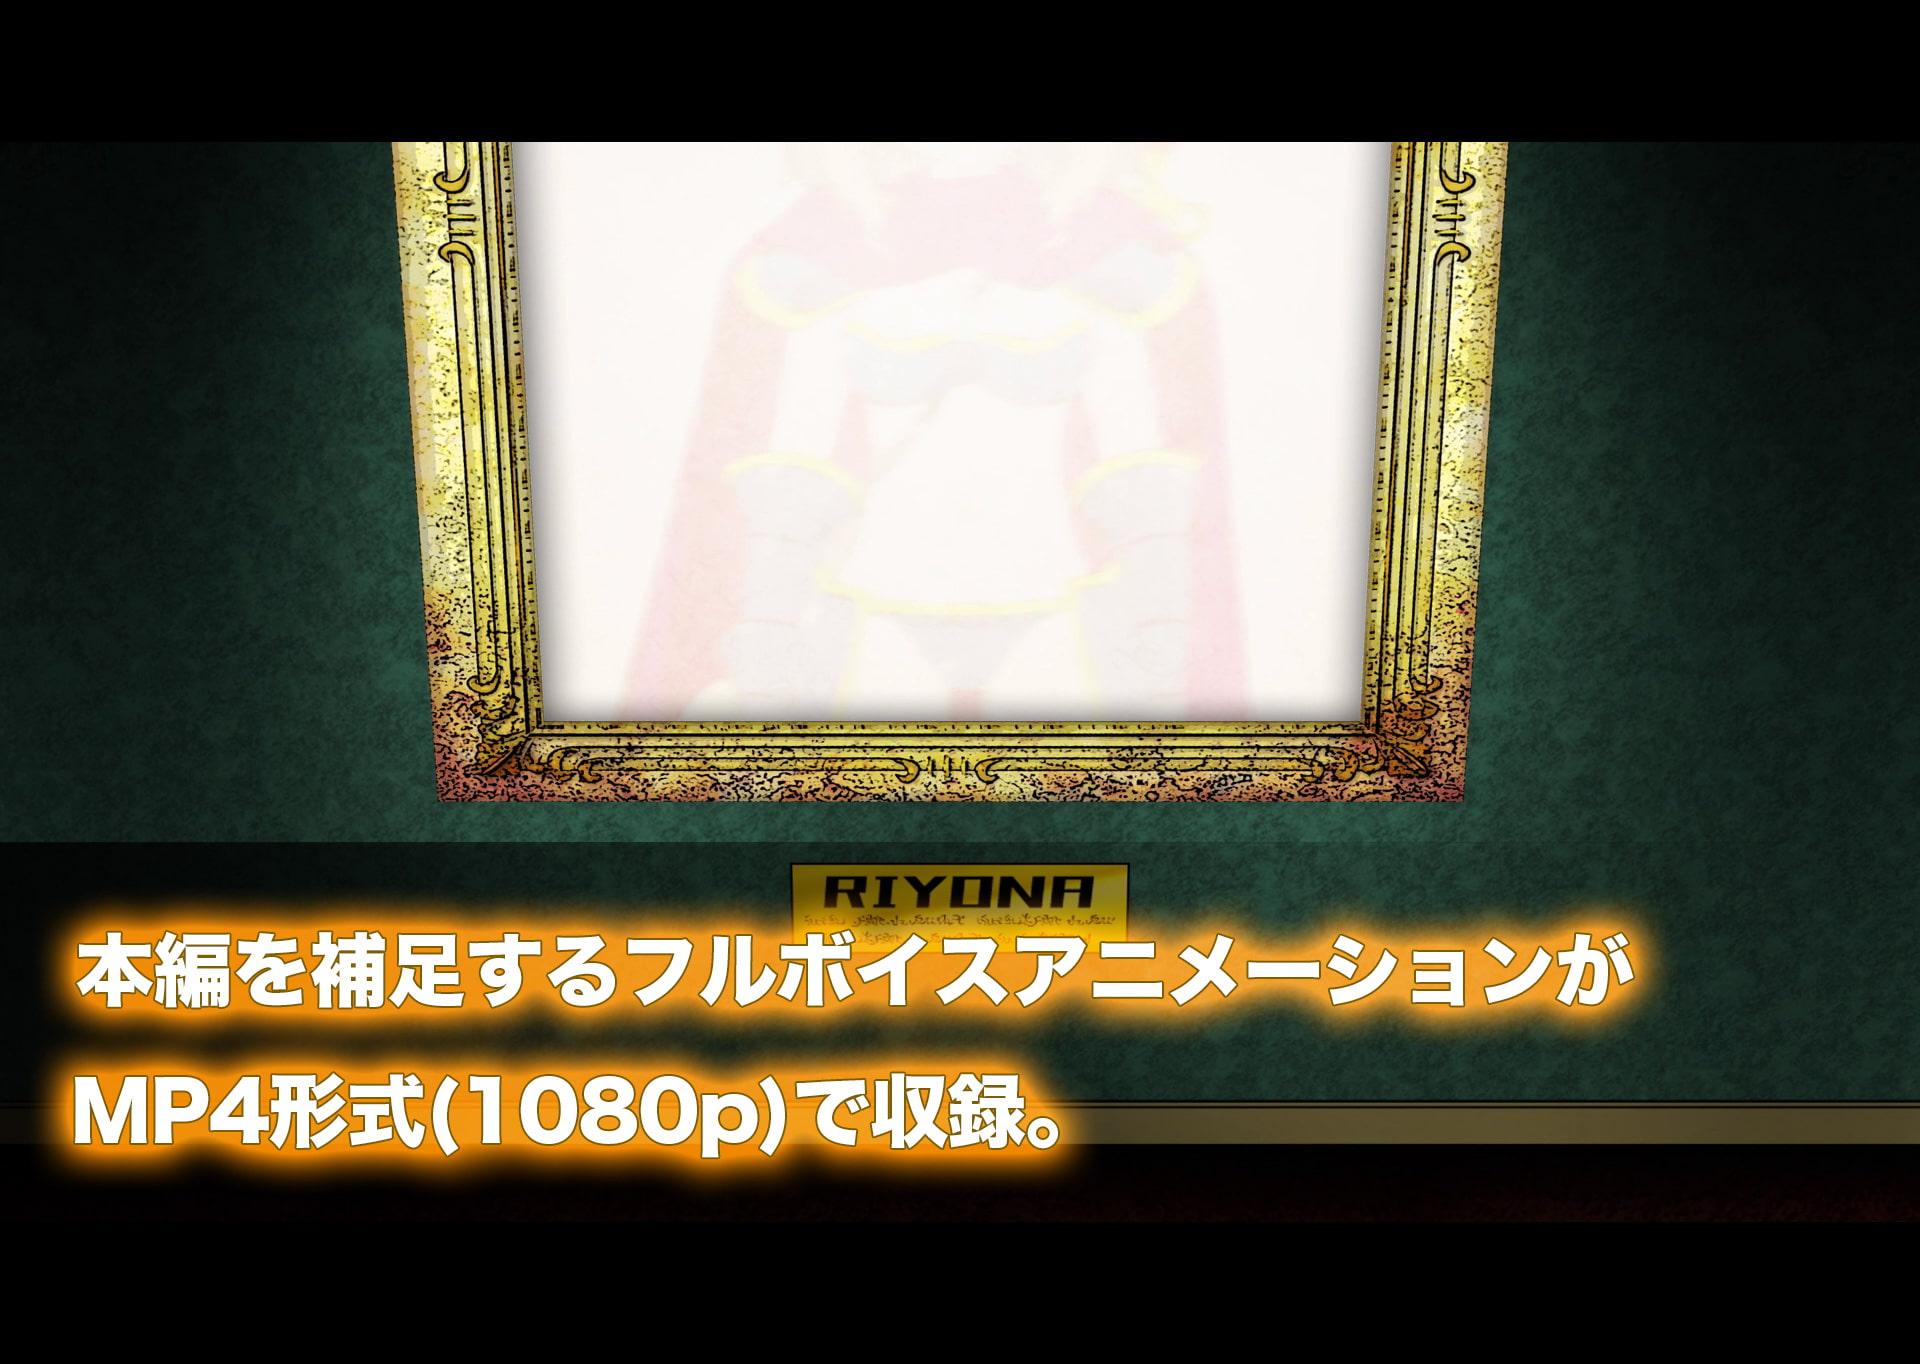 リョナモンクエスト特別先行CG集 Vol.2 RQ2020-H [絵画化]